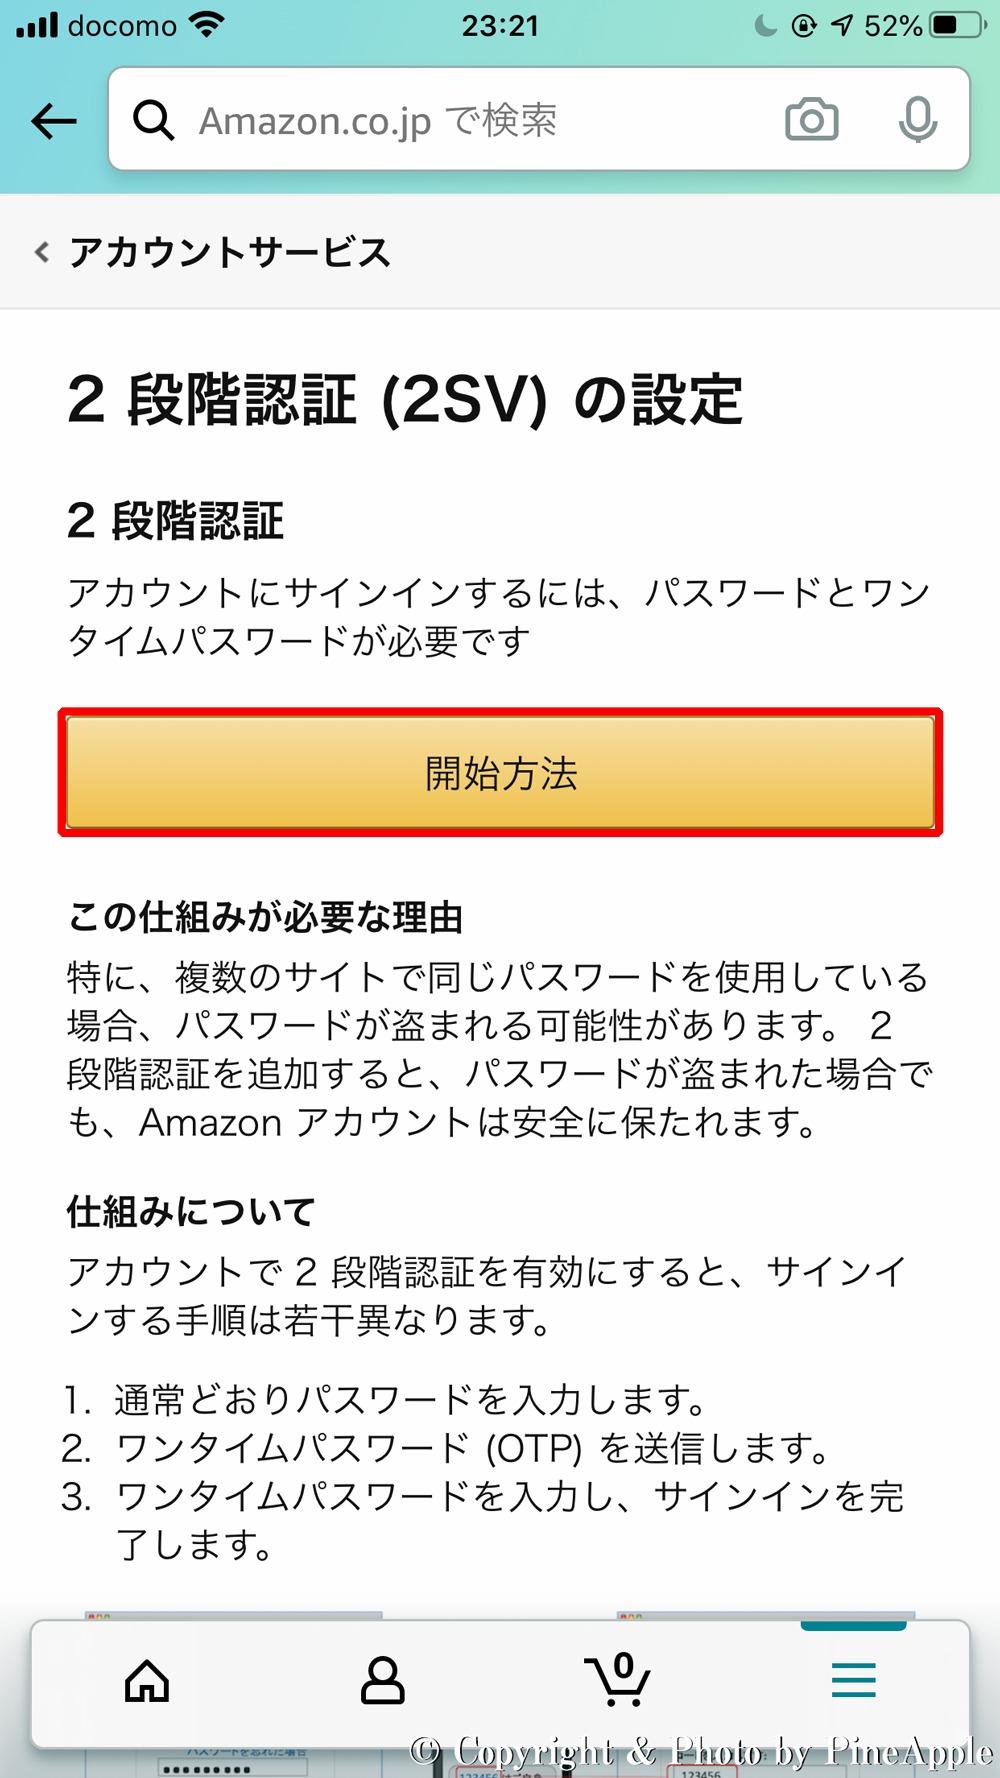 Amazon アカウントの 2 段階認証設定:「2 段階認証の設定」の「開始方法」をタップ